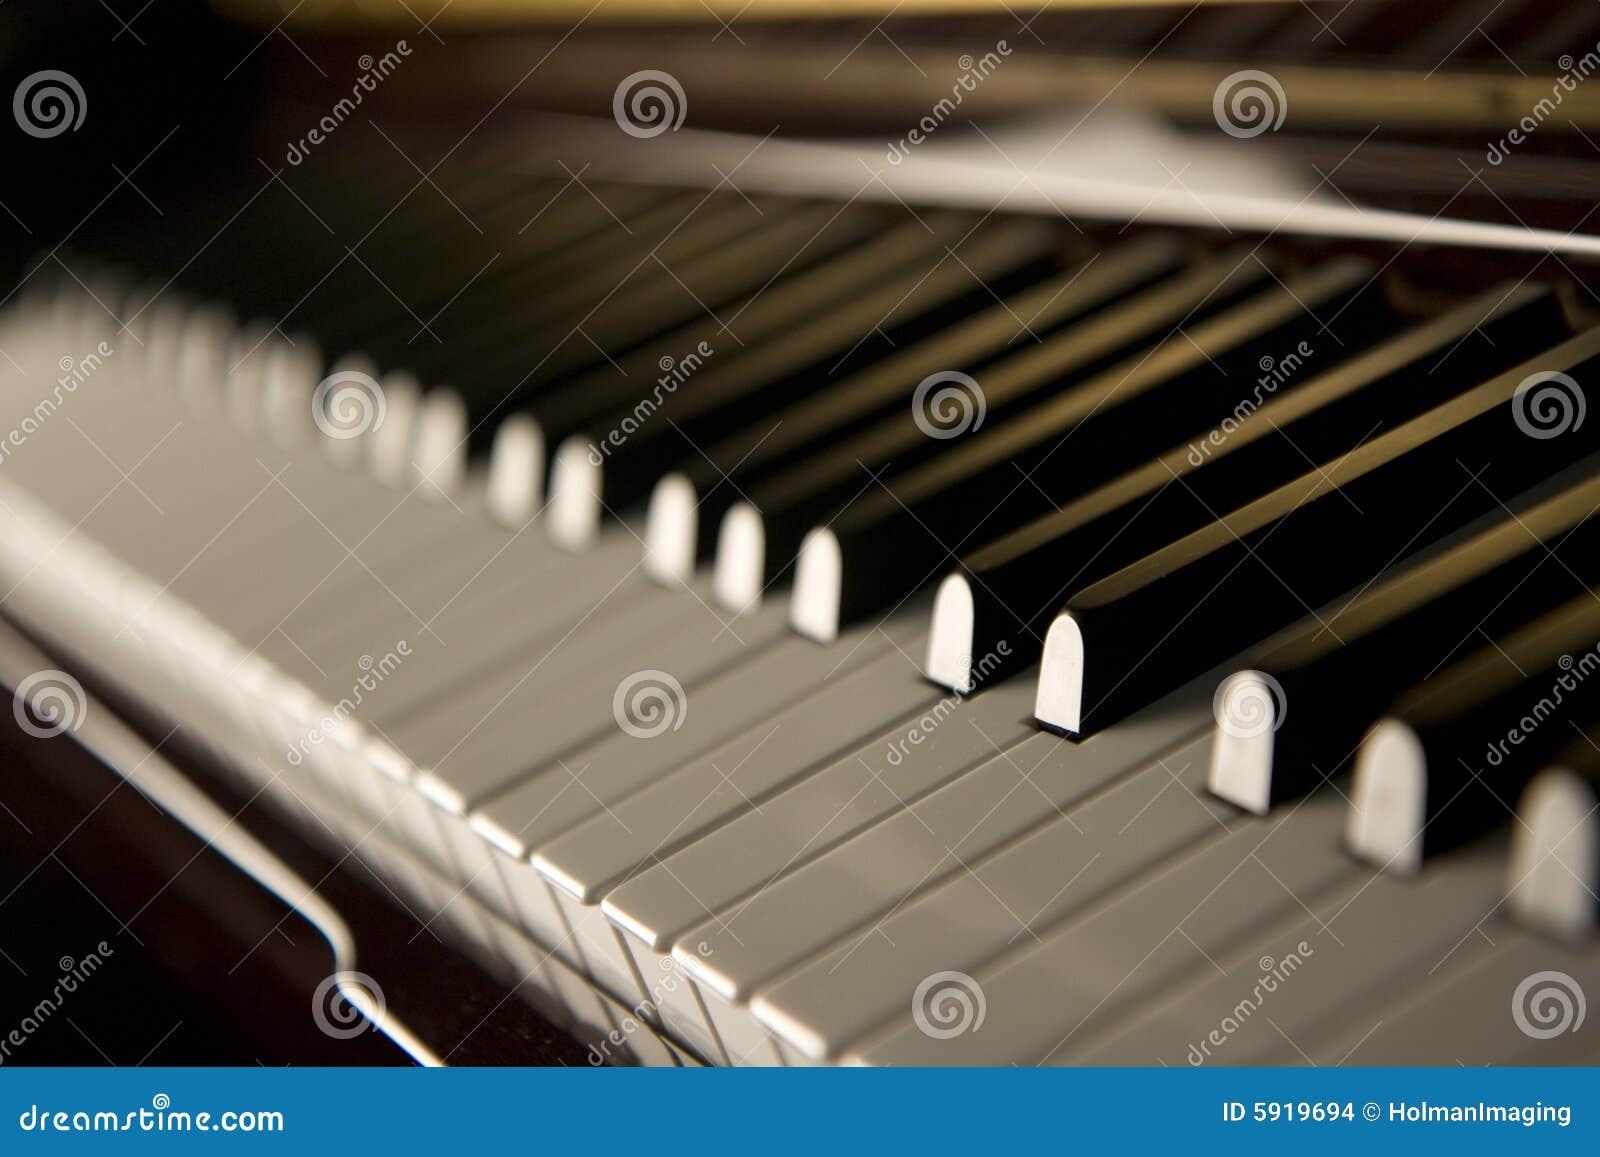 Chaves do piano do jazz